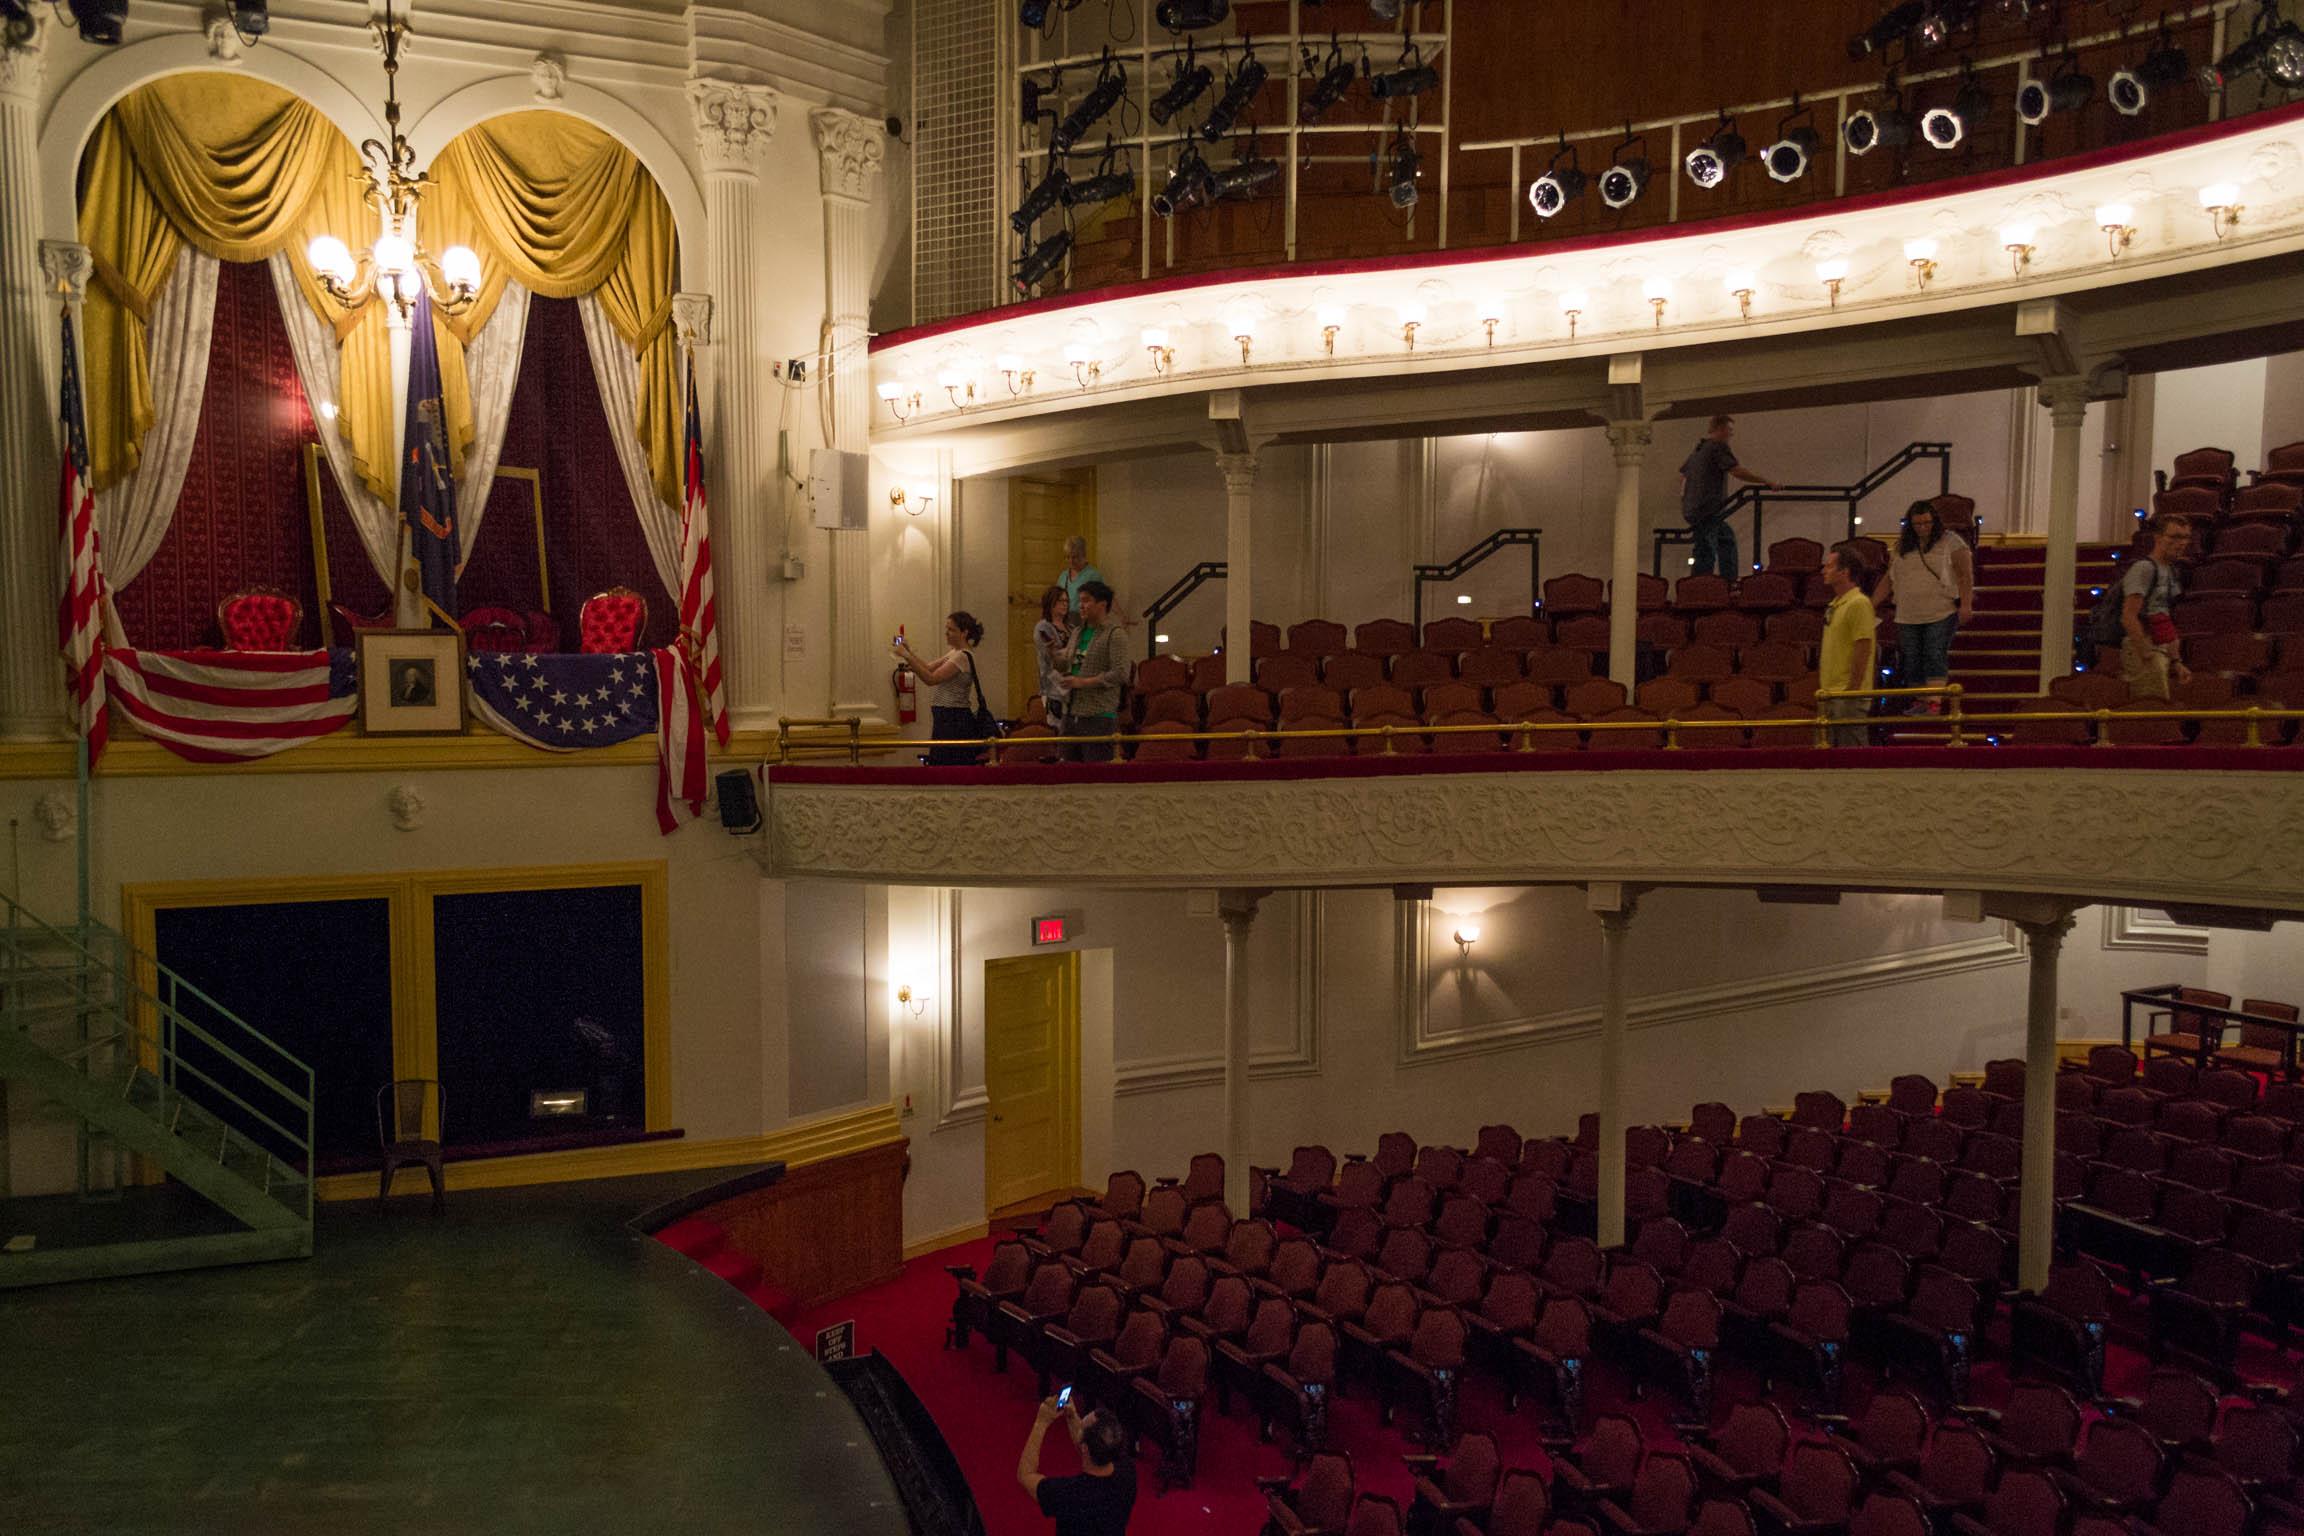 L'intérieur du Ford's Theater depuis le balcon